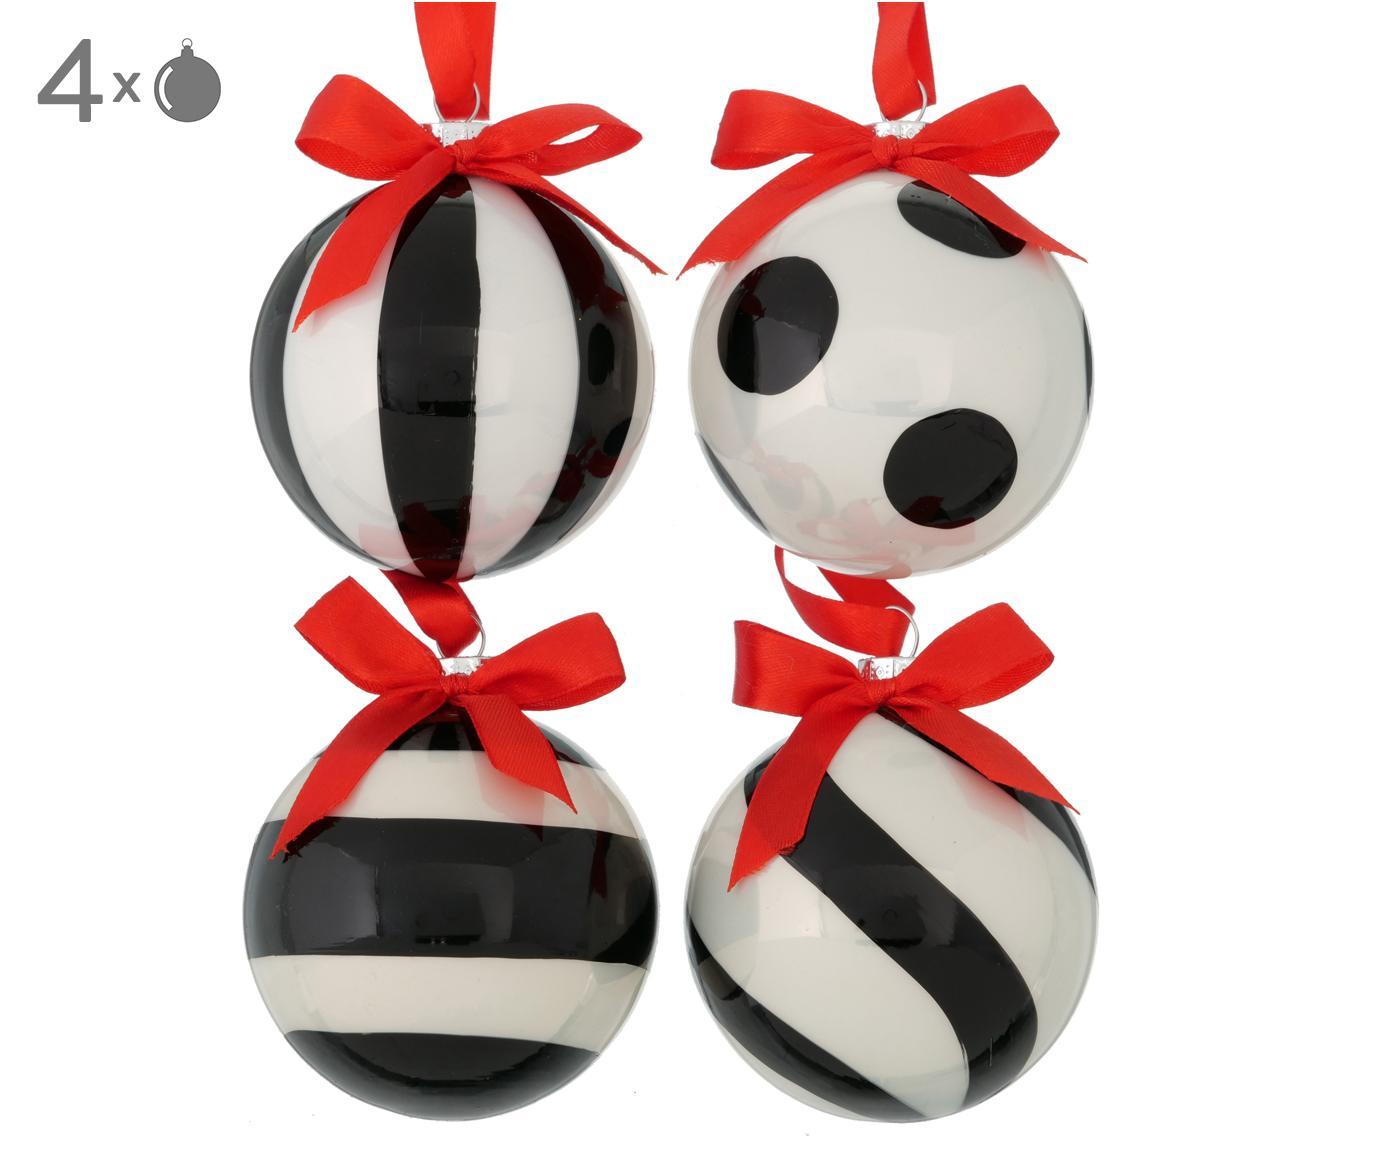 Weihnachtskugel-Set Geoma, 4-tlg., Schwarz, Weiß, Rot, Ø 8 cm